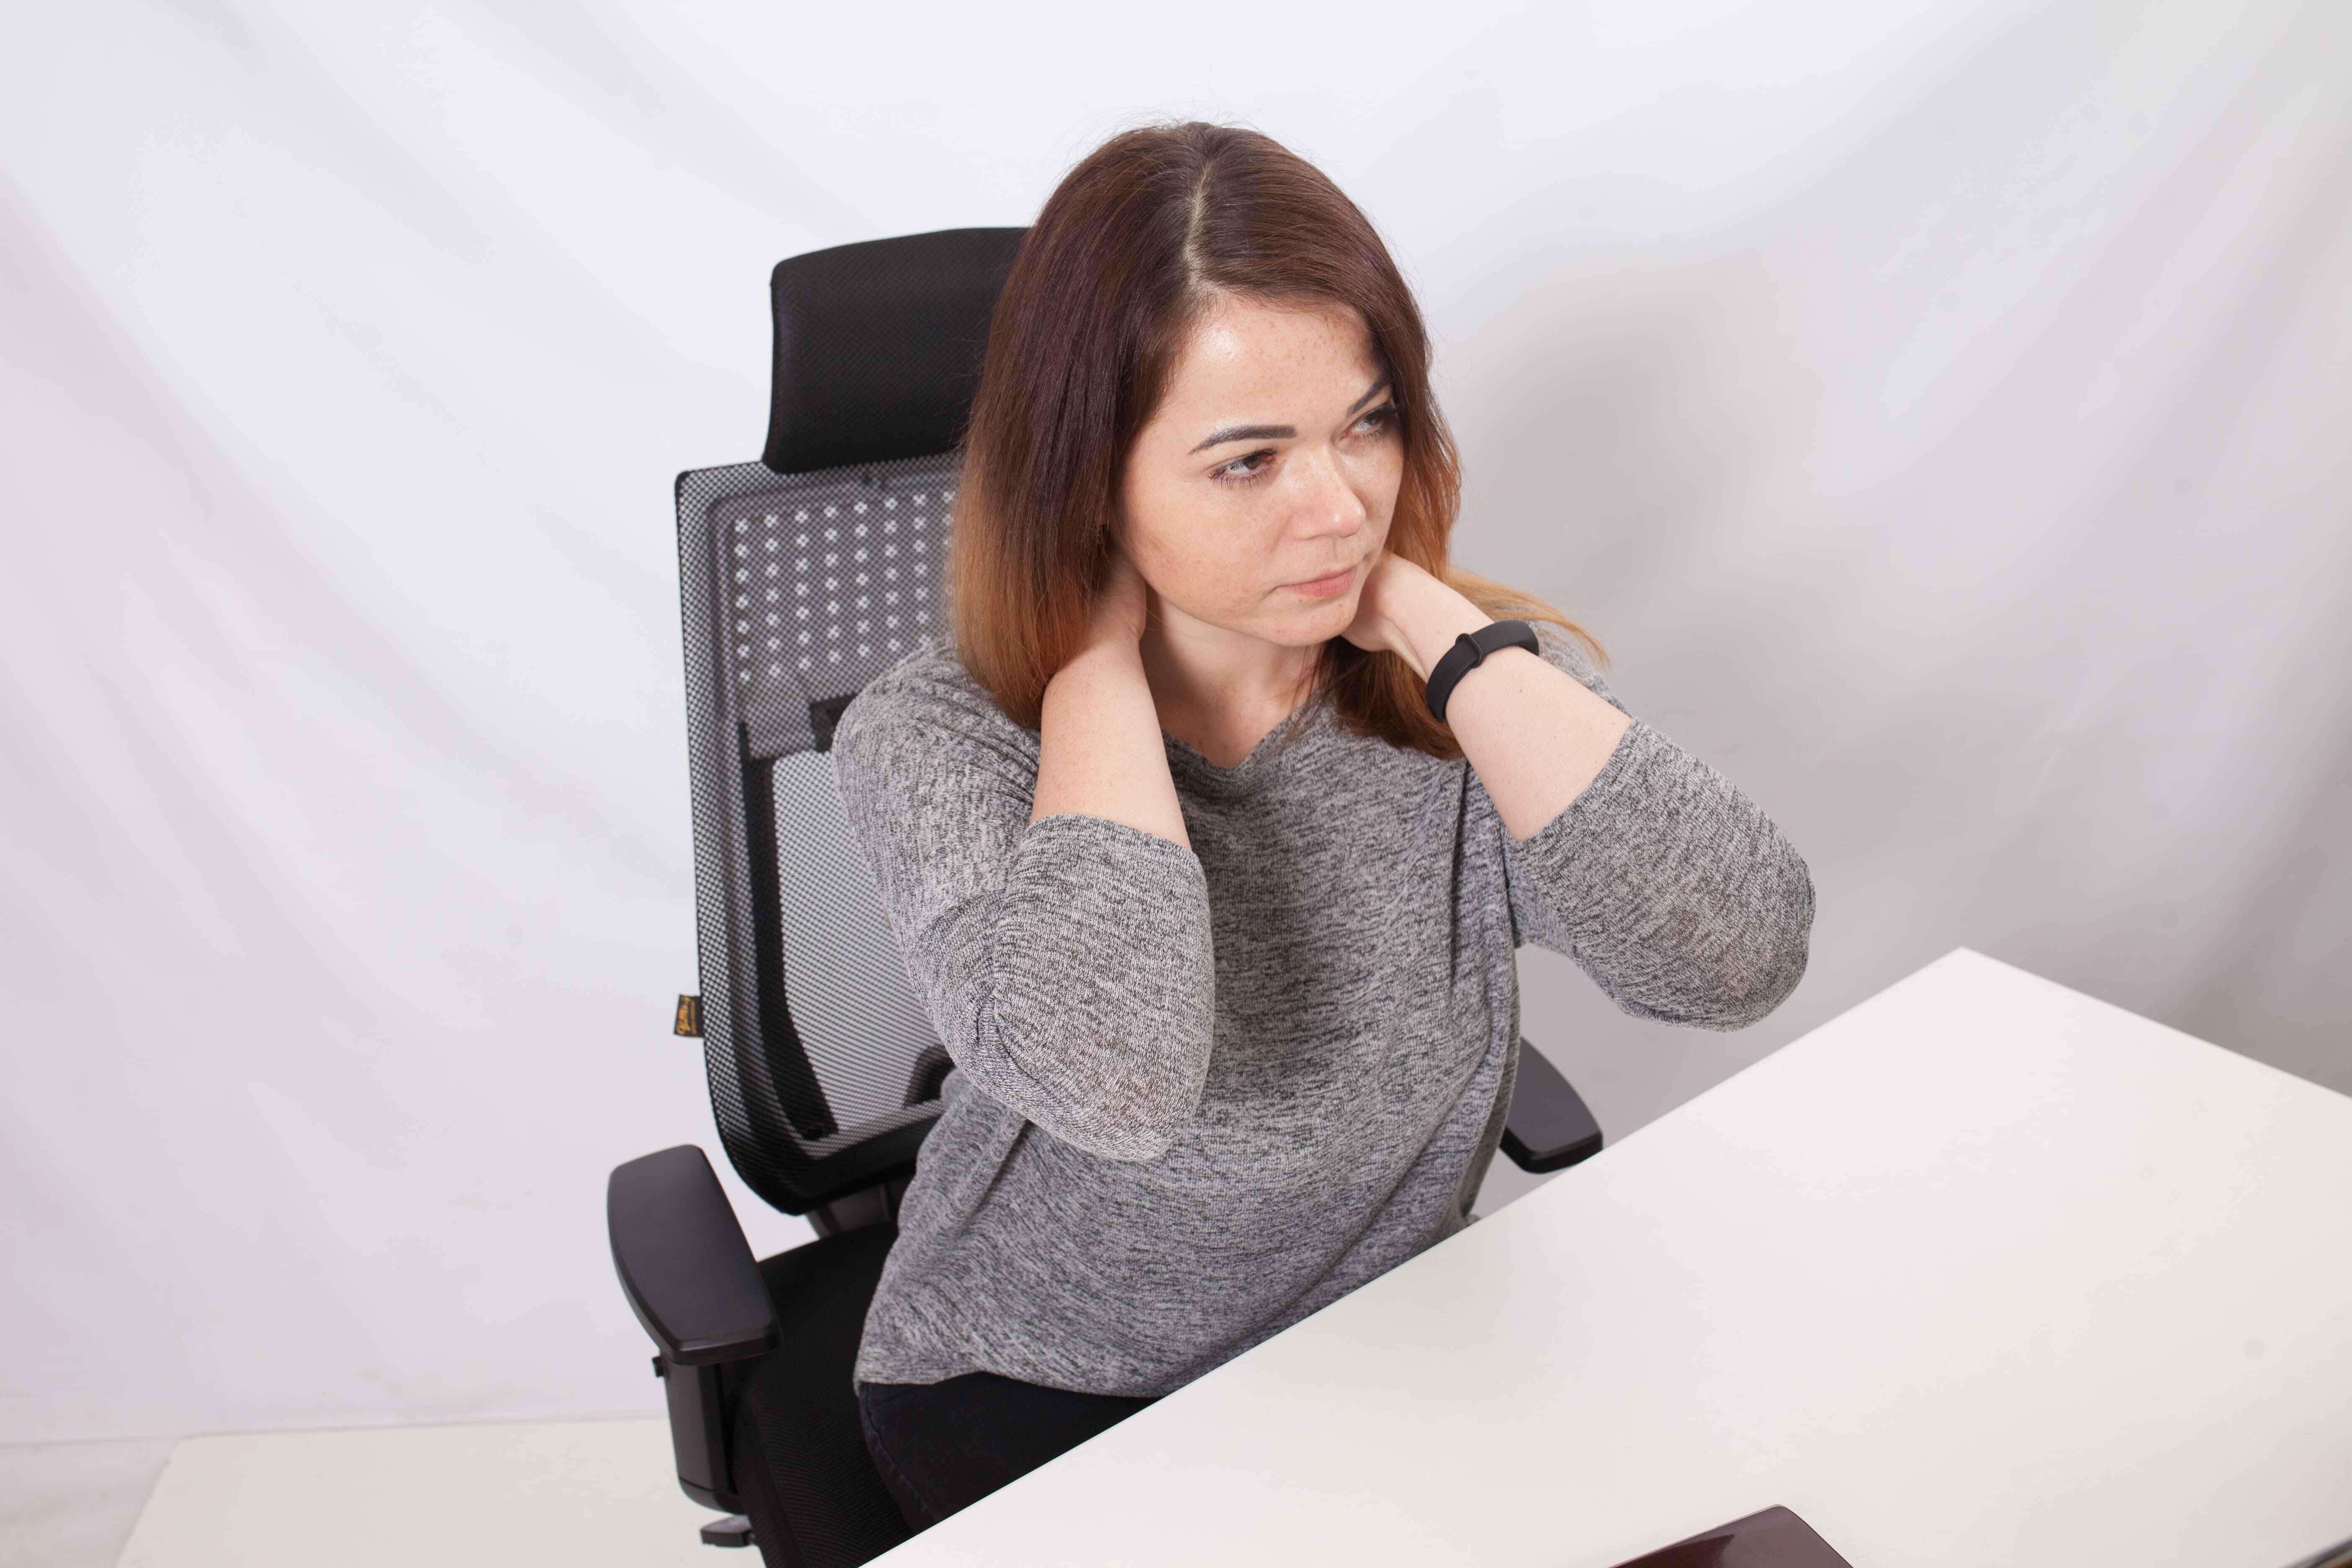 болит шея на работе